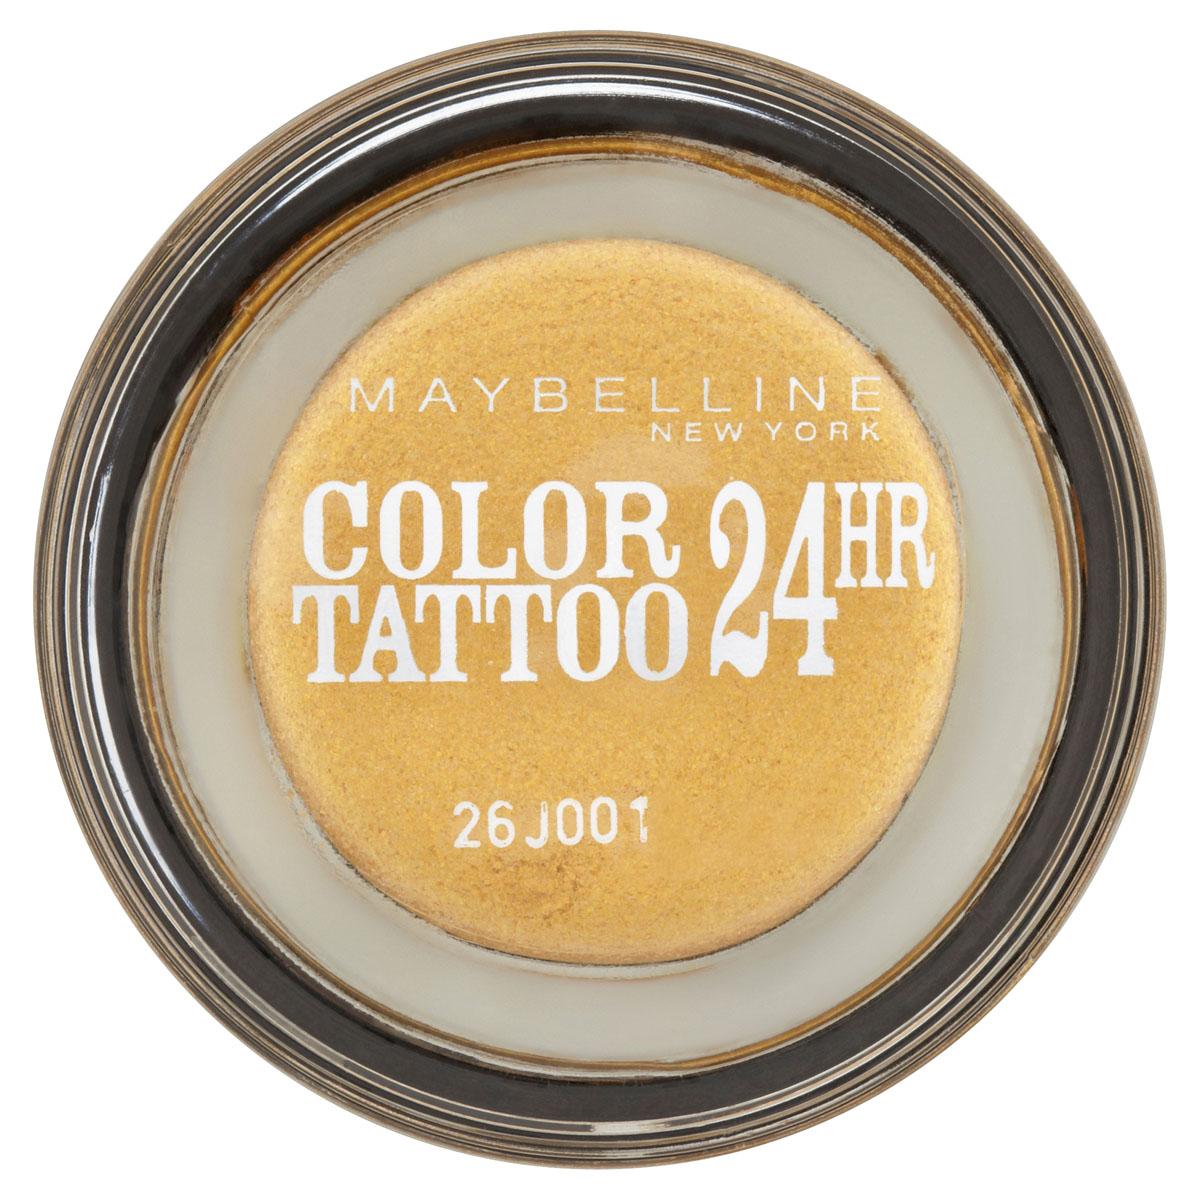 Maybelline New York Тени для век Color Tattoo 24 часа, оттенок 75, Золото 24 карата, 3,5 млB2167600Технология тату-пигментов создает яркий, супернасыщенный цвет. Крем-гелевая текстура обеспечивает ультралегкое нанесение и стойкость на 24 часа. 12 оттенков